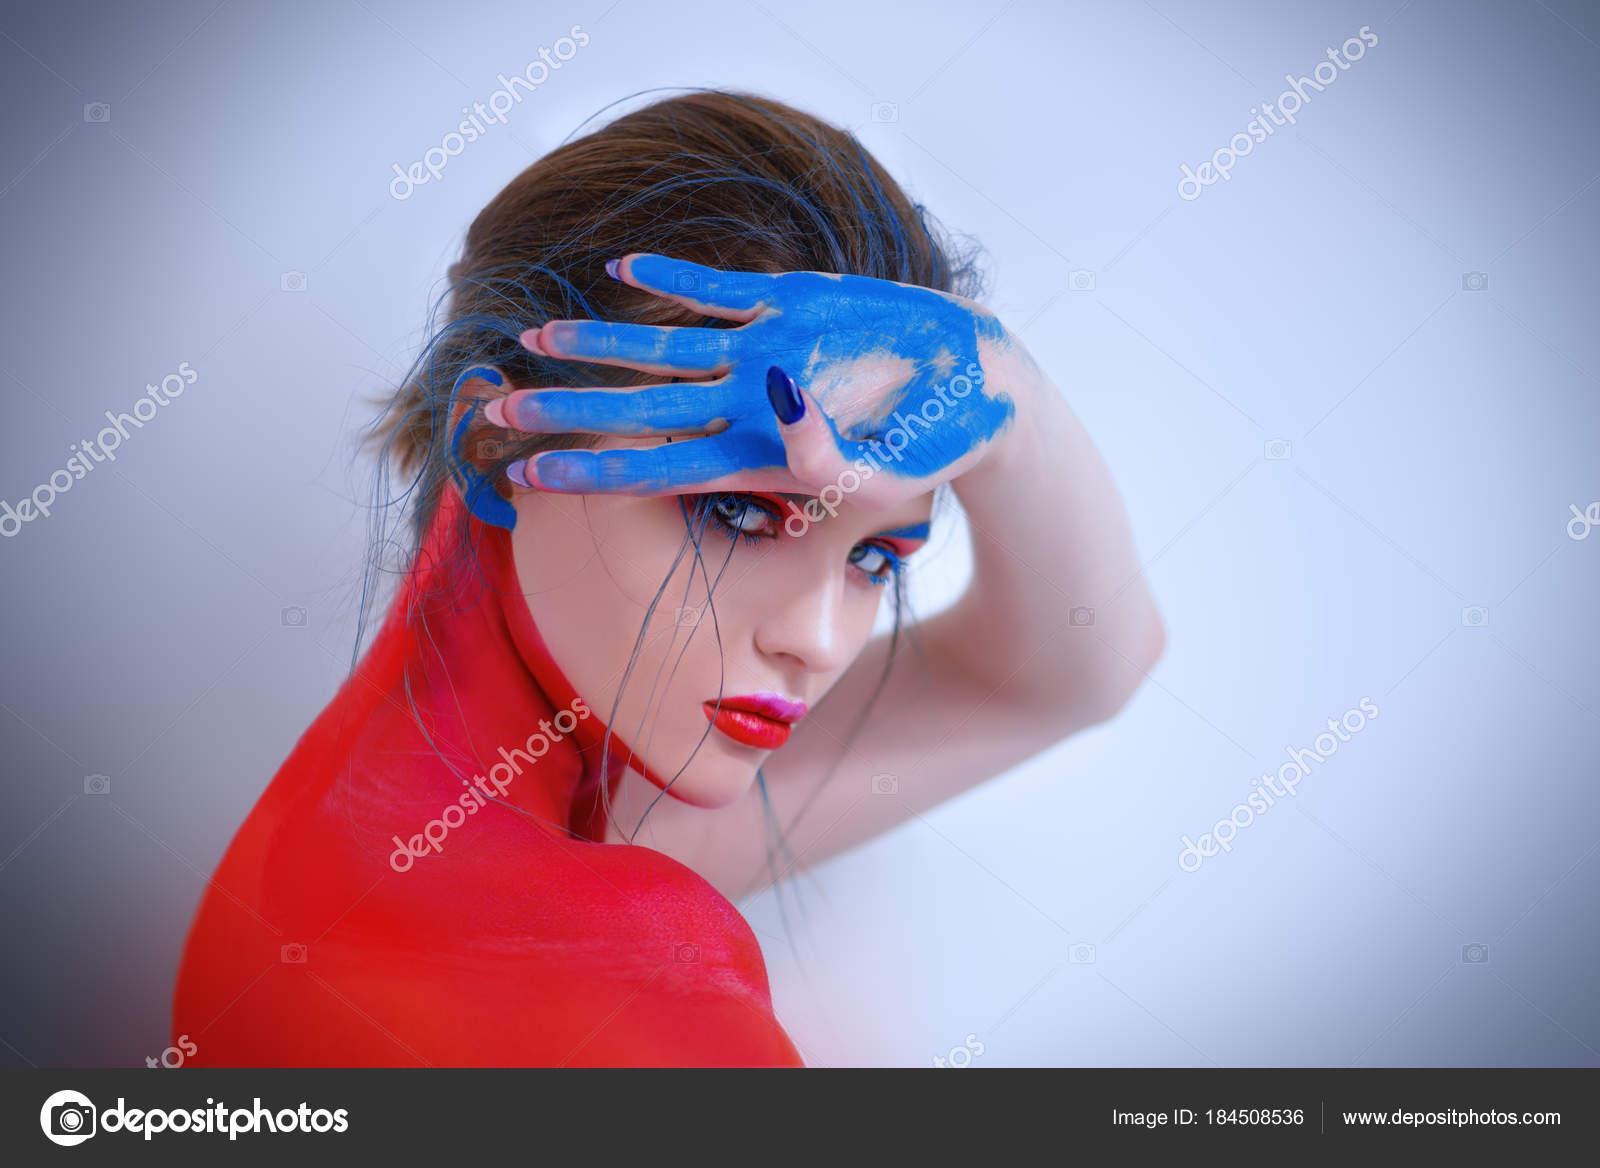 Creative Body Art Stock Photo C Prometeus 184508536